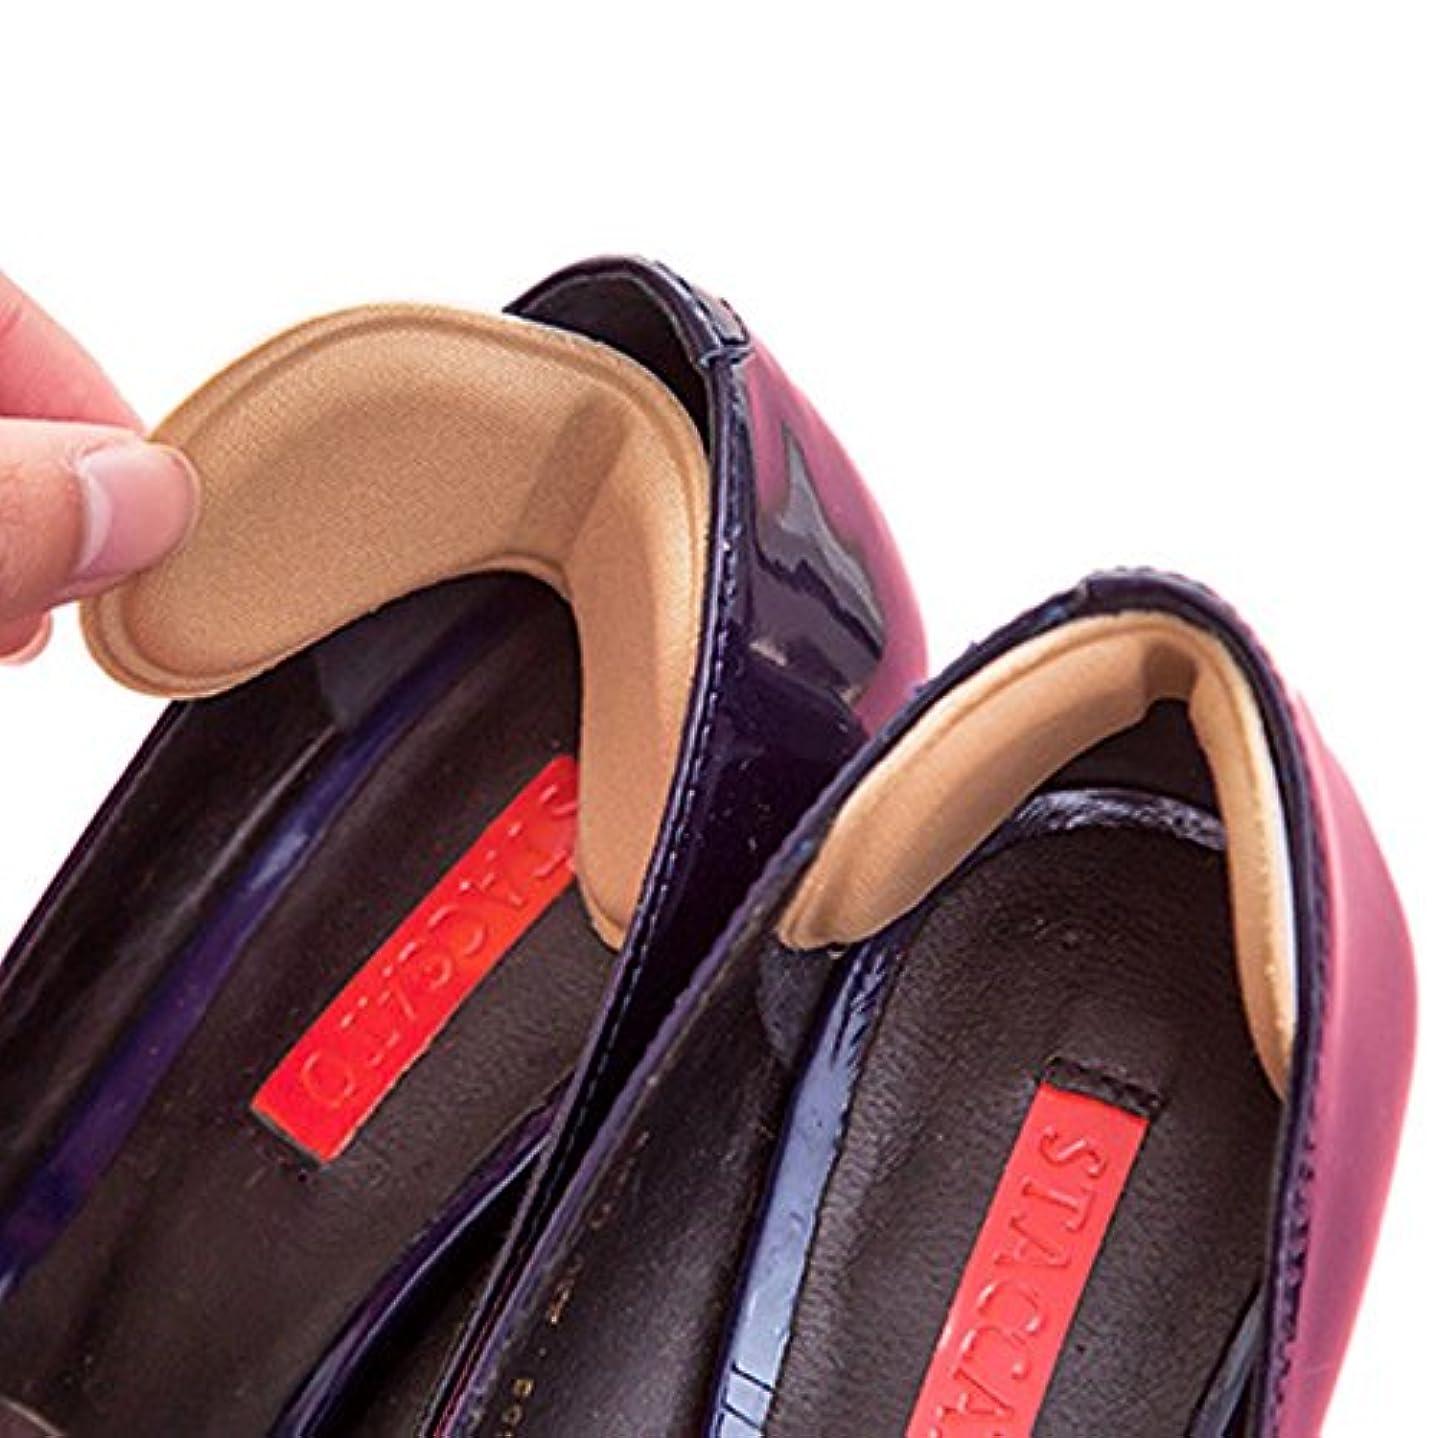 暴露する商人ラジカル靴擦れ 半張りパッド 靴擦れ防止 防止かかと パカパカ防止 ハイヒール用 足裏保護 インソール 靴のサイズ調整 四組入り